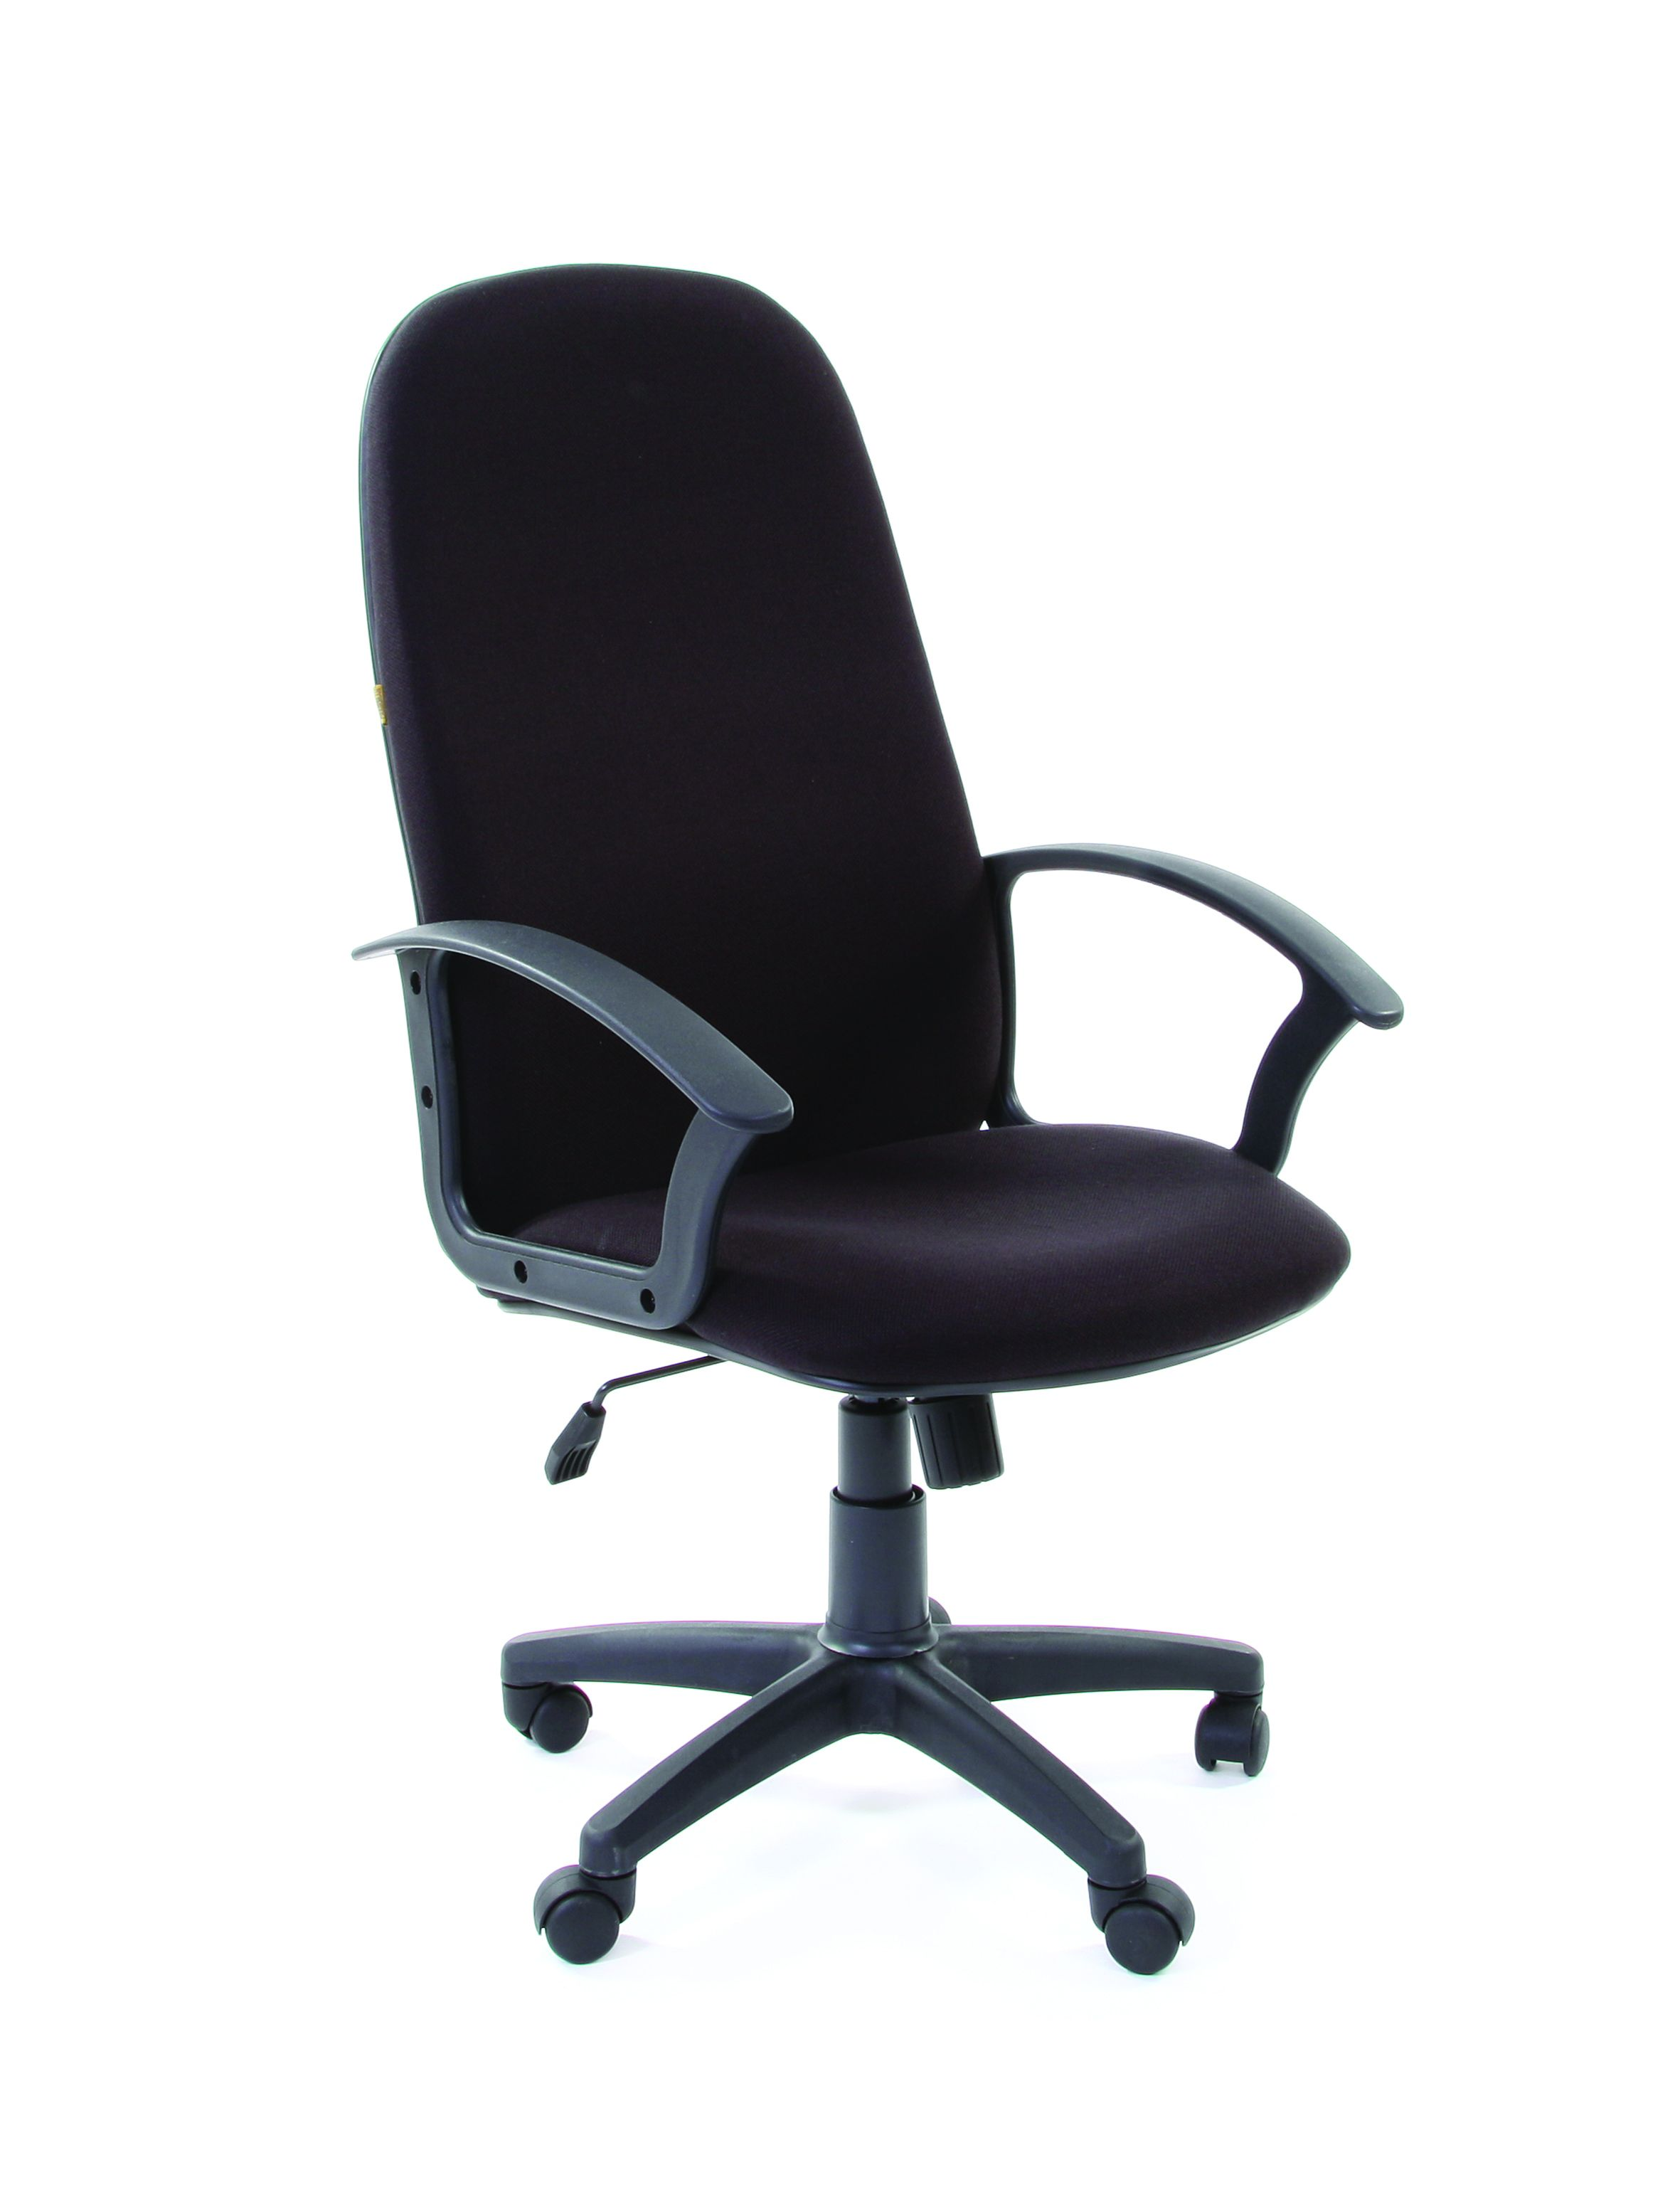 Biuro kėdė CHICO 289 NEW